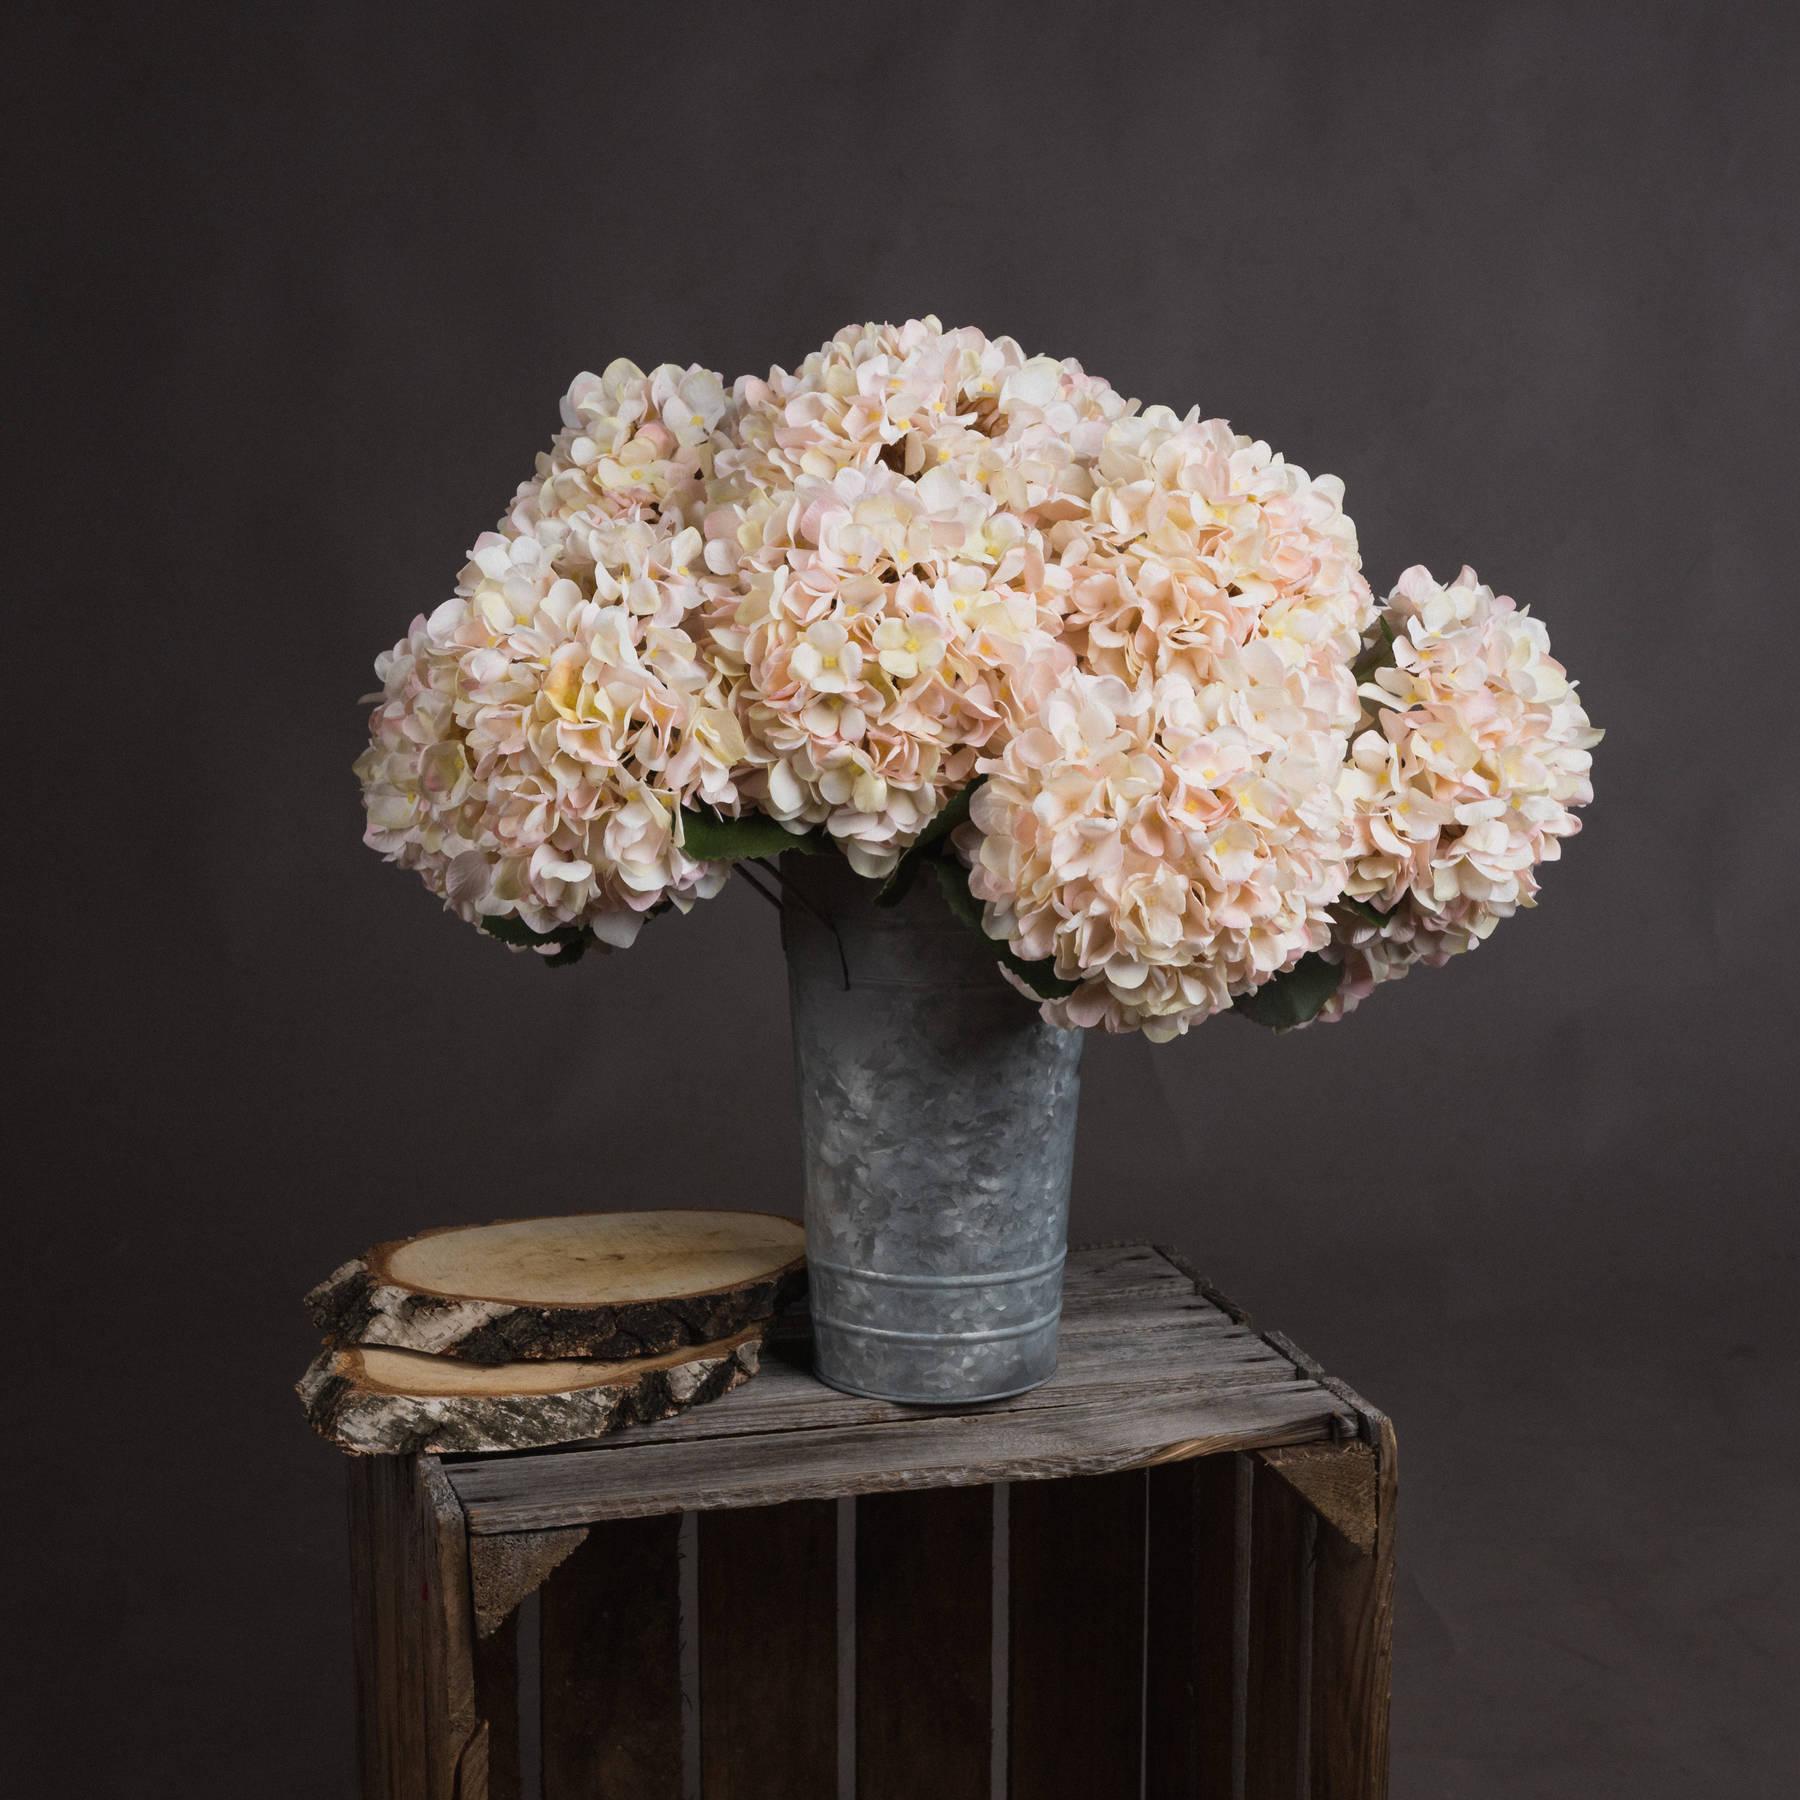 Autumn White Hydrangea - Image 1